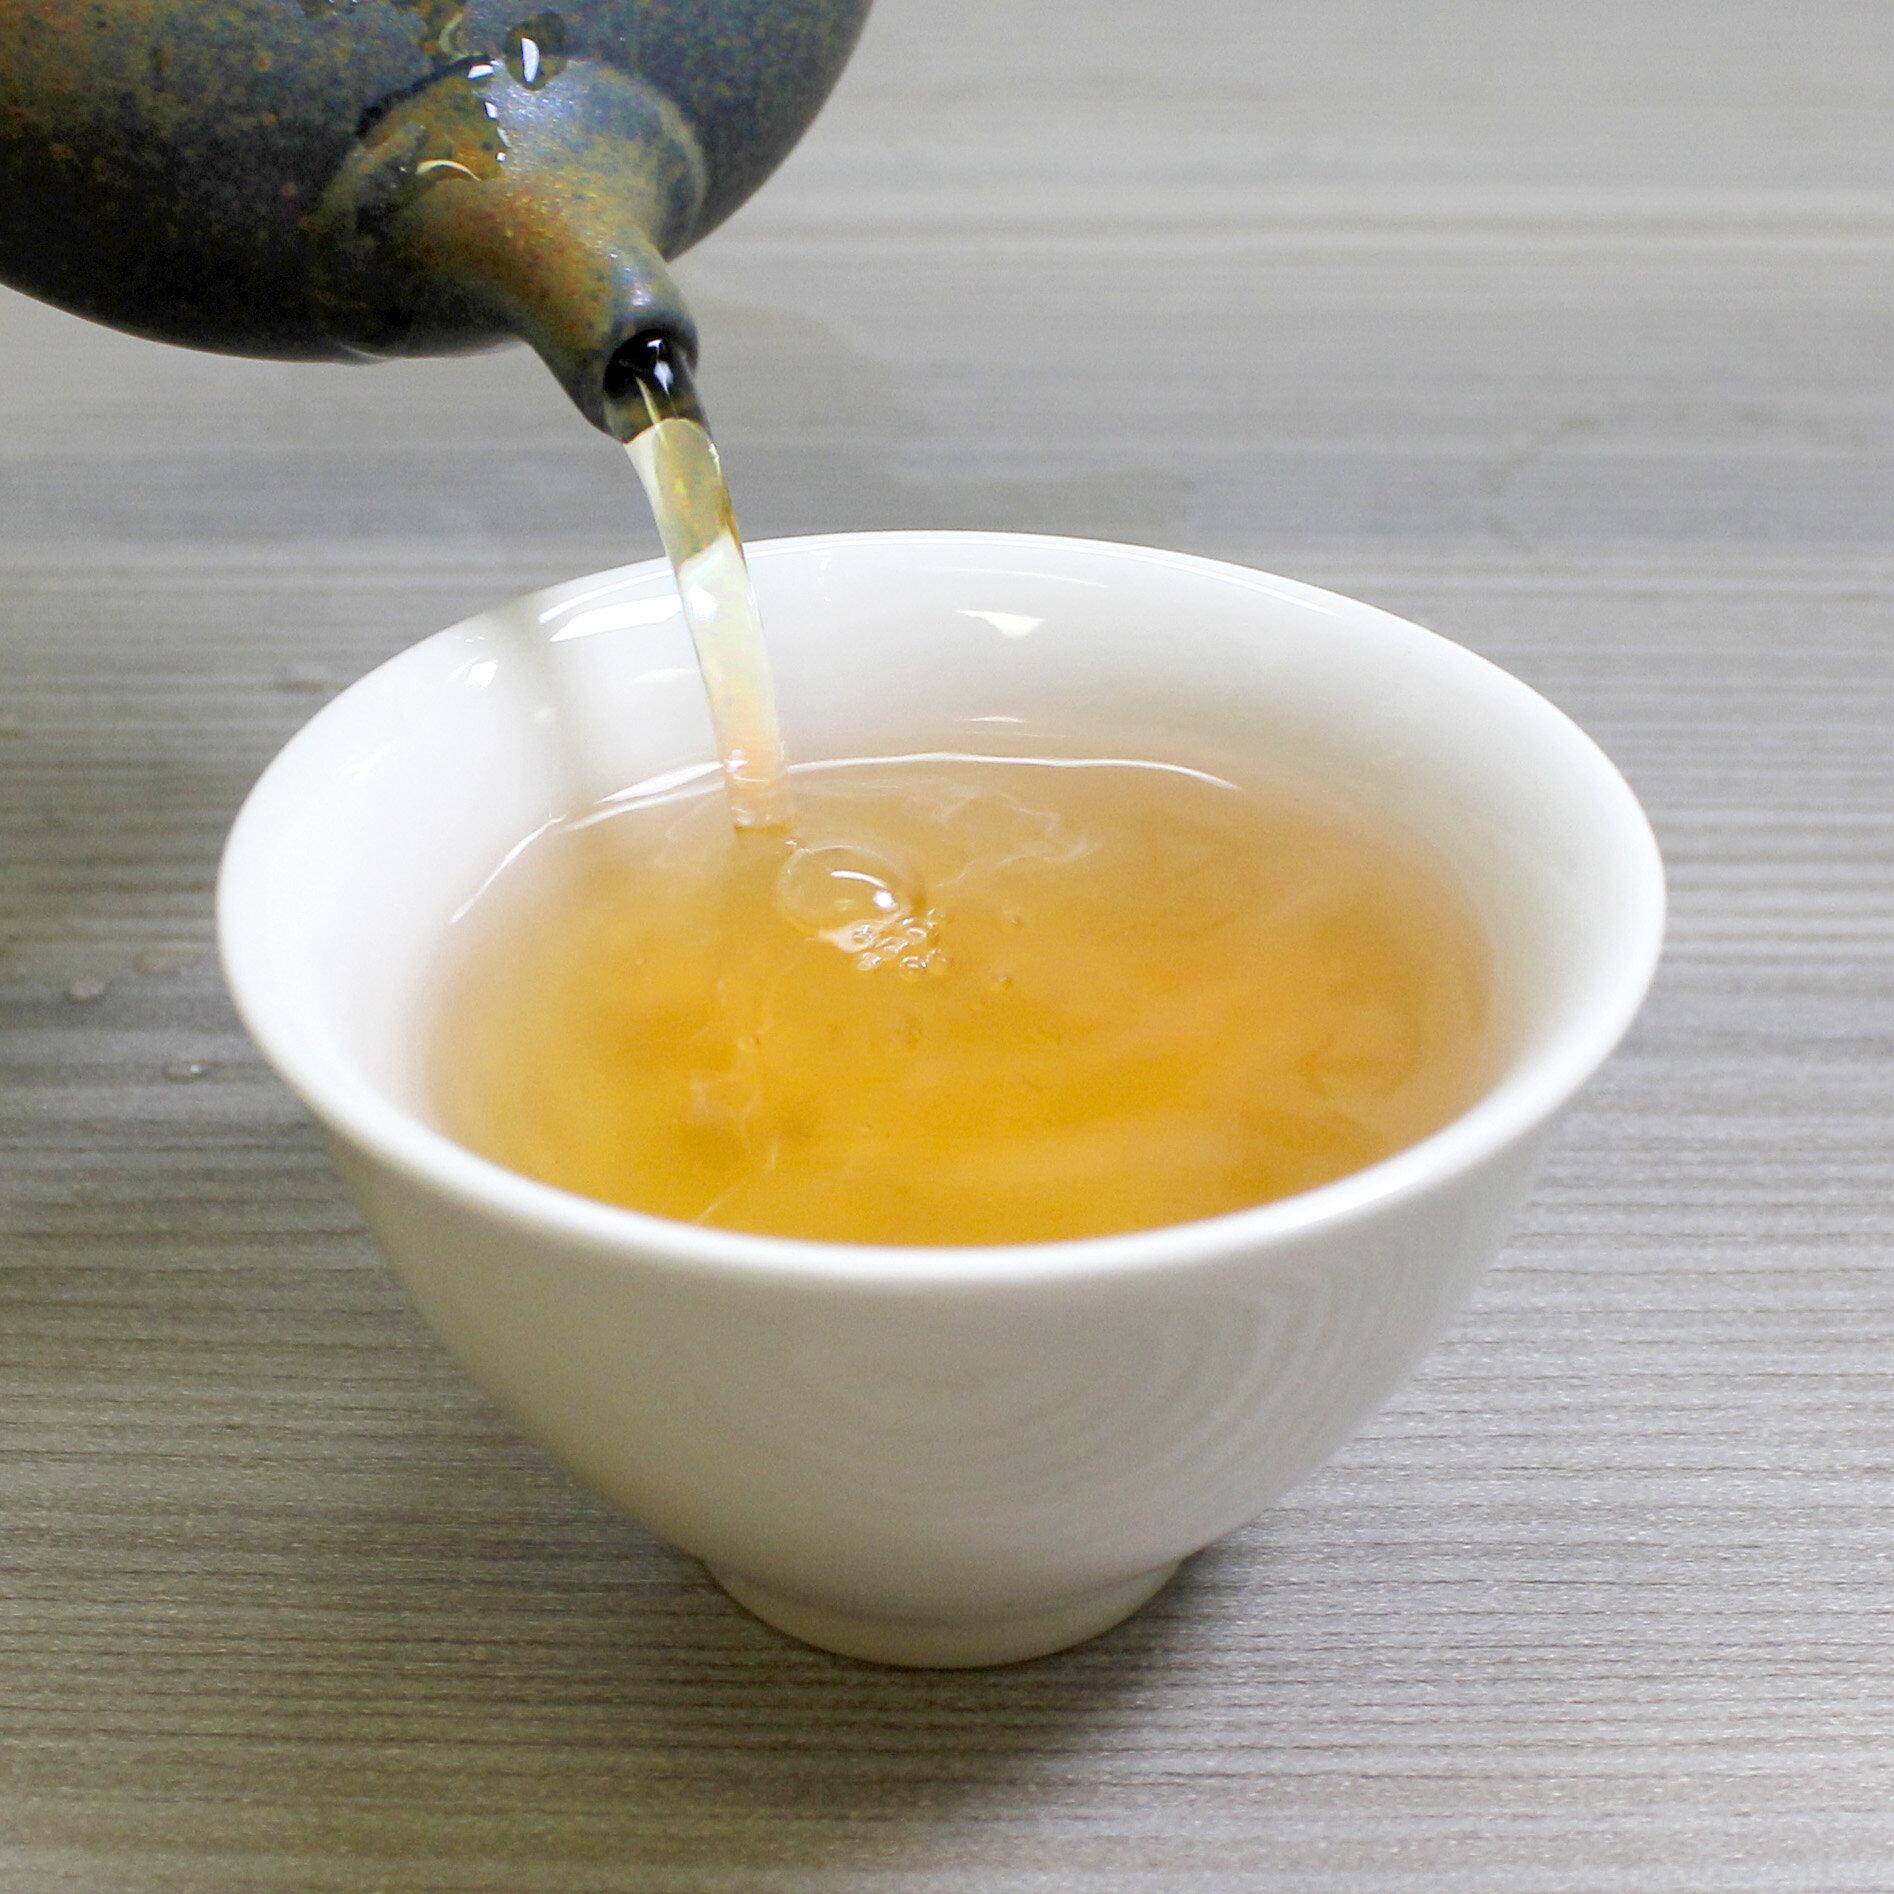 darjeeling-2nd-flush-margarets-hope-estate-india-black-whole-leaf-loose-mem-tea-itw3-2019a.jpg